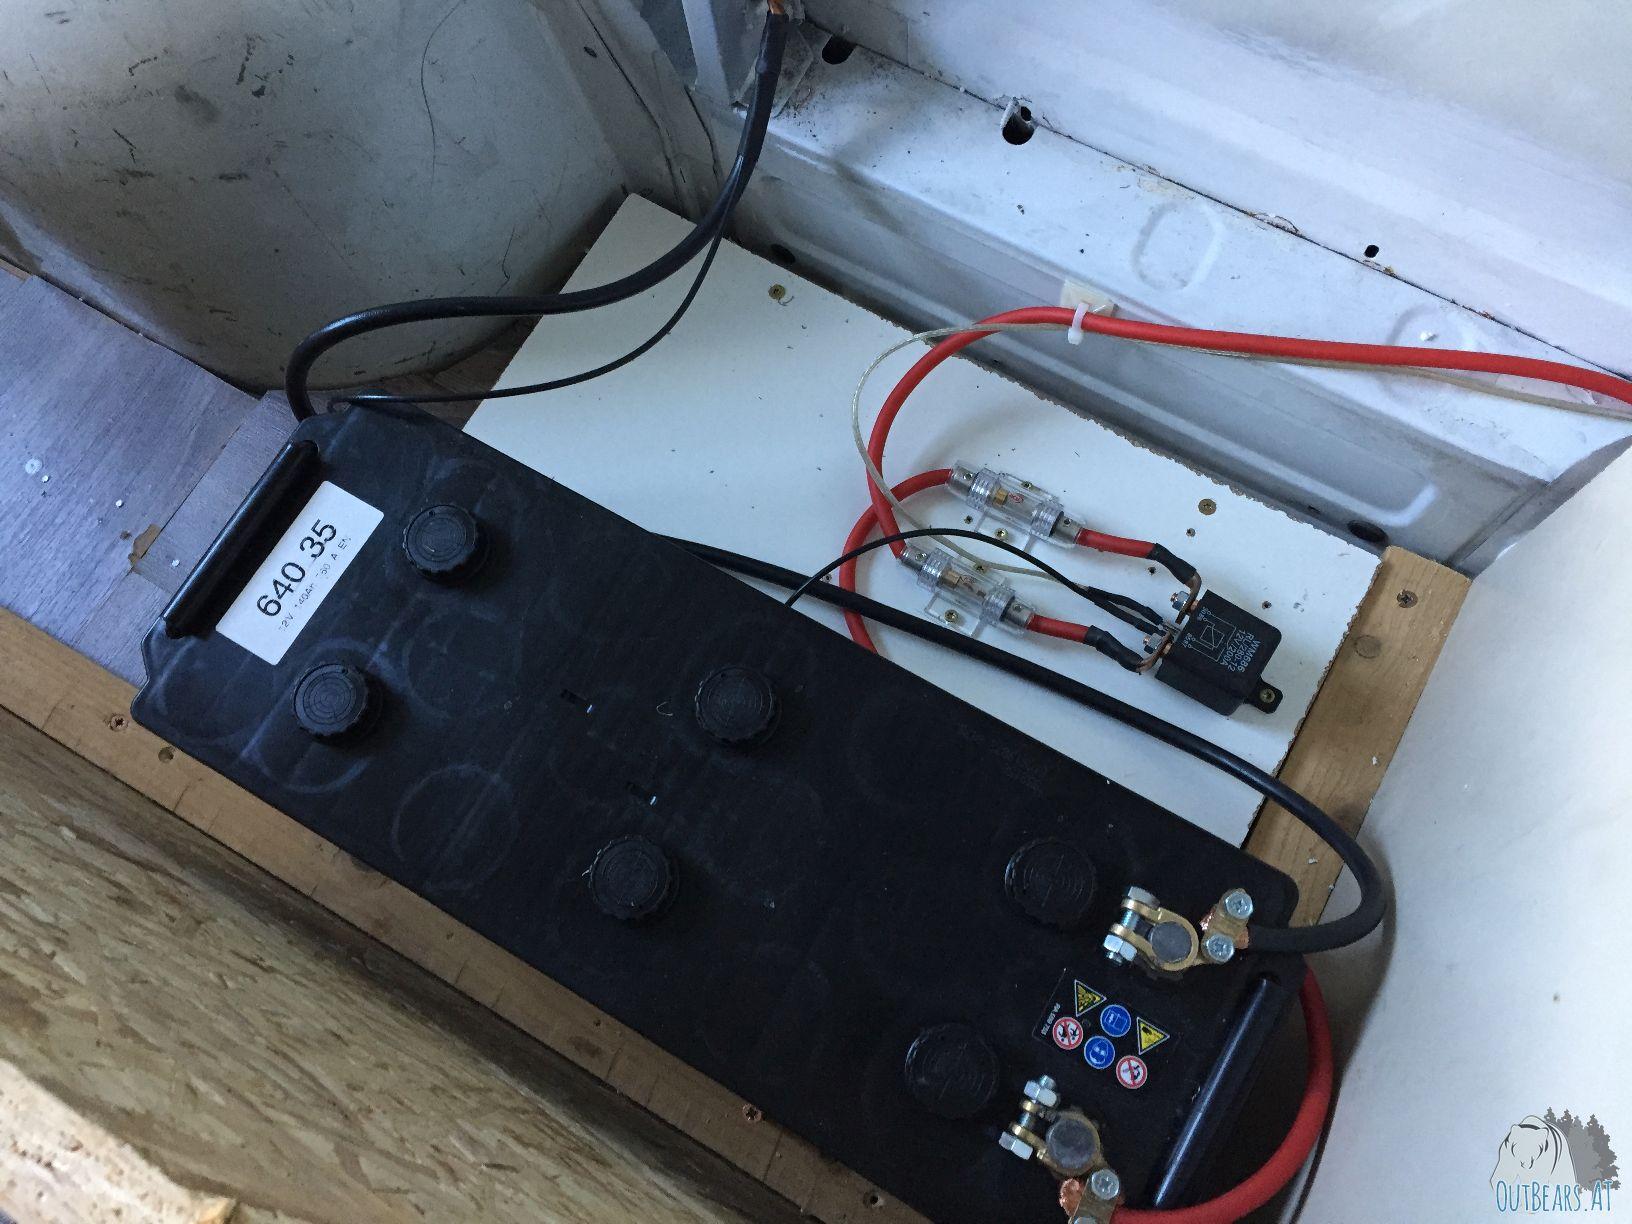 Einbau einer zweiten Batterie in den Camper